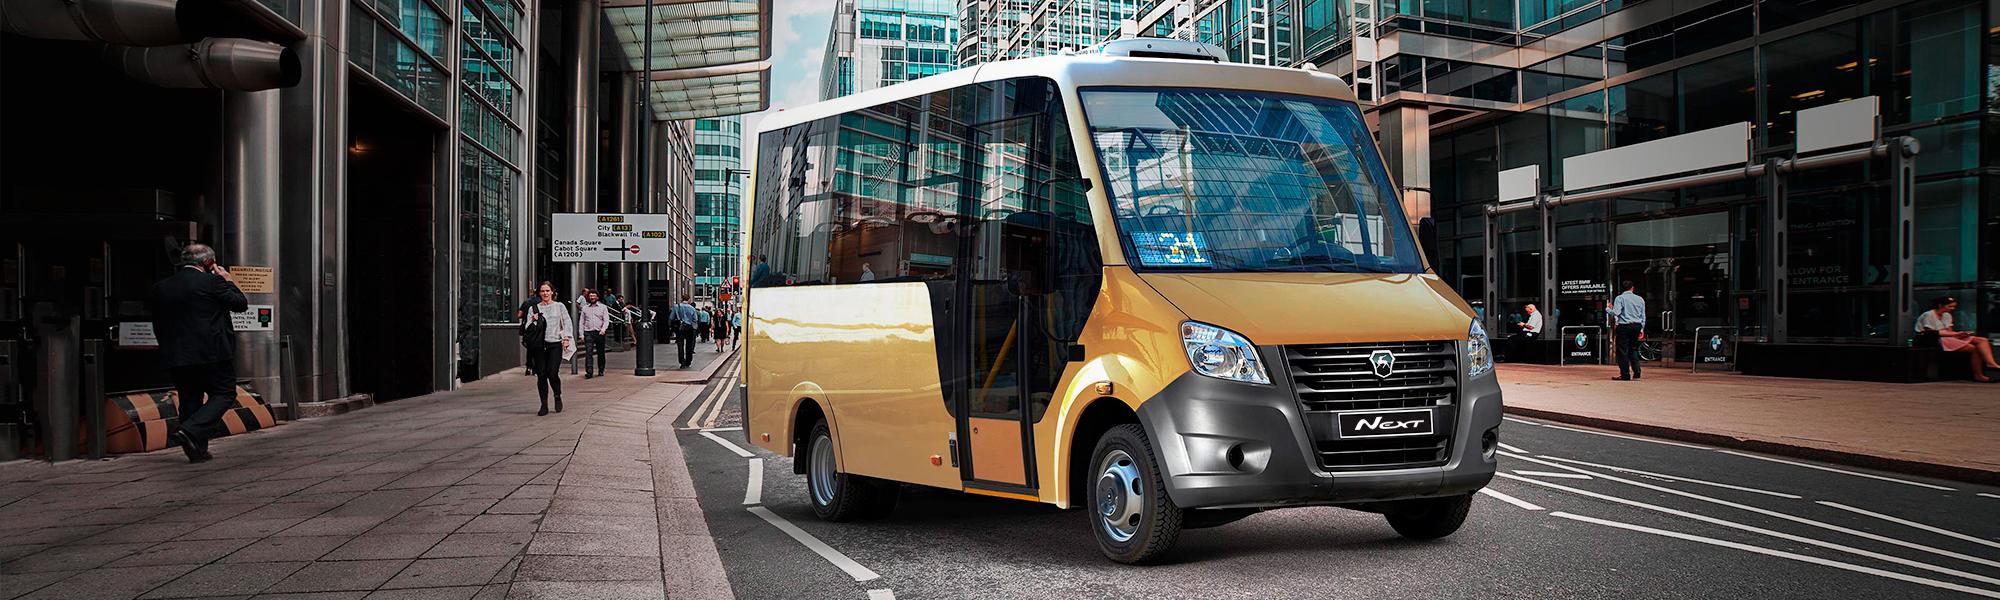 Автомобиль ГАЗель Next Citiline каркасный, желтый. Вид справа. Десктопное изображение